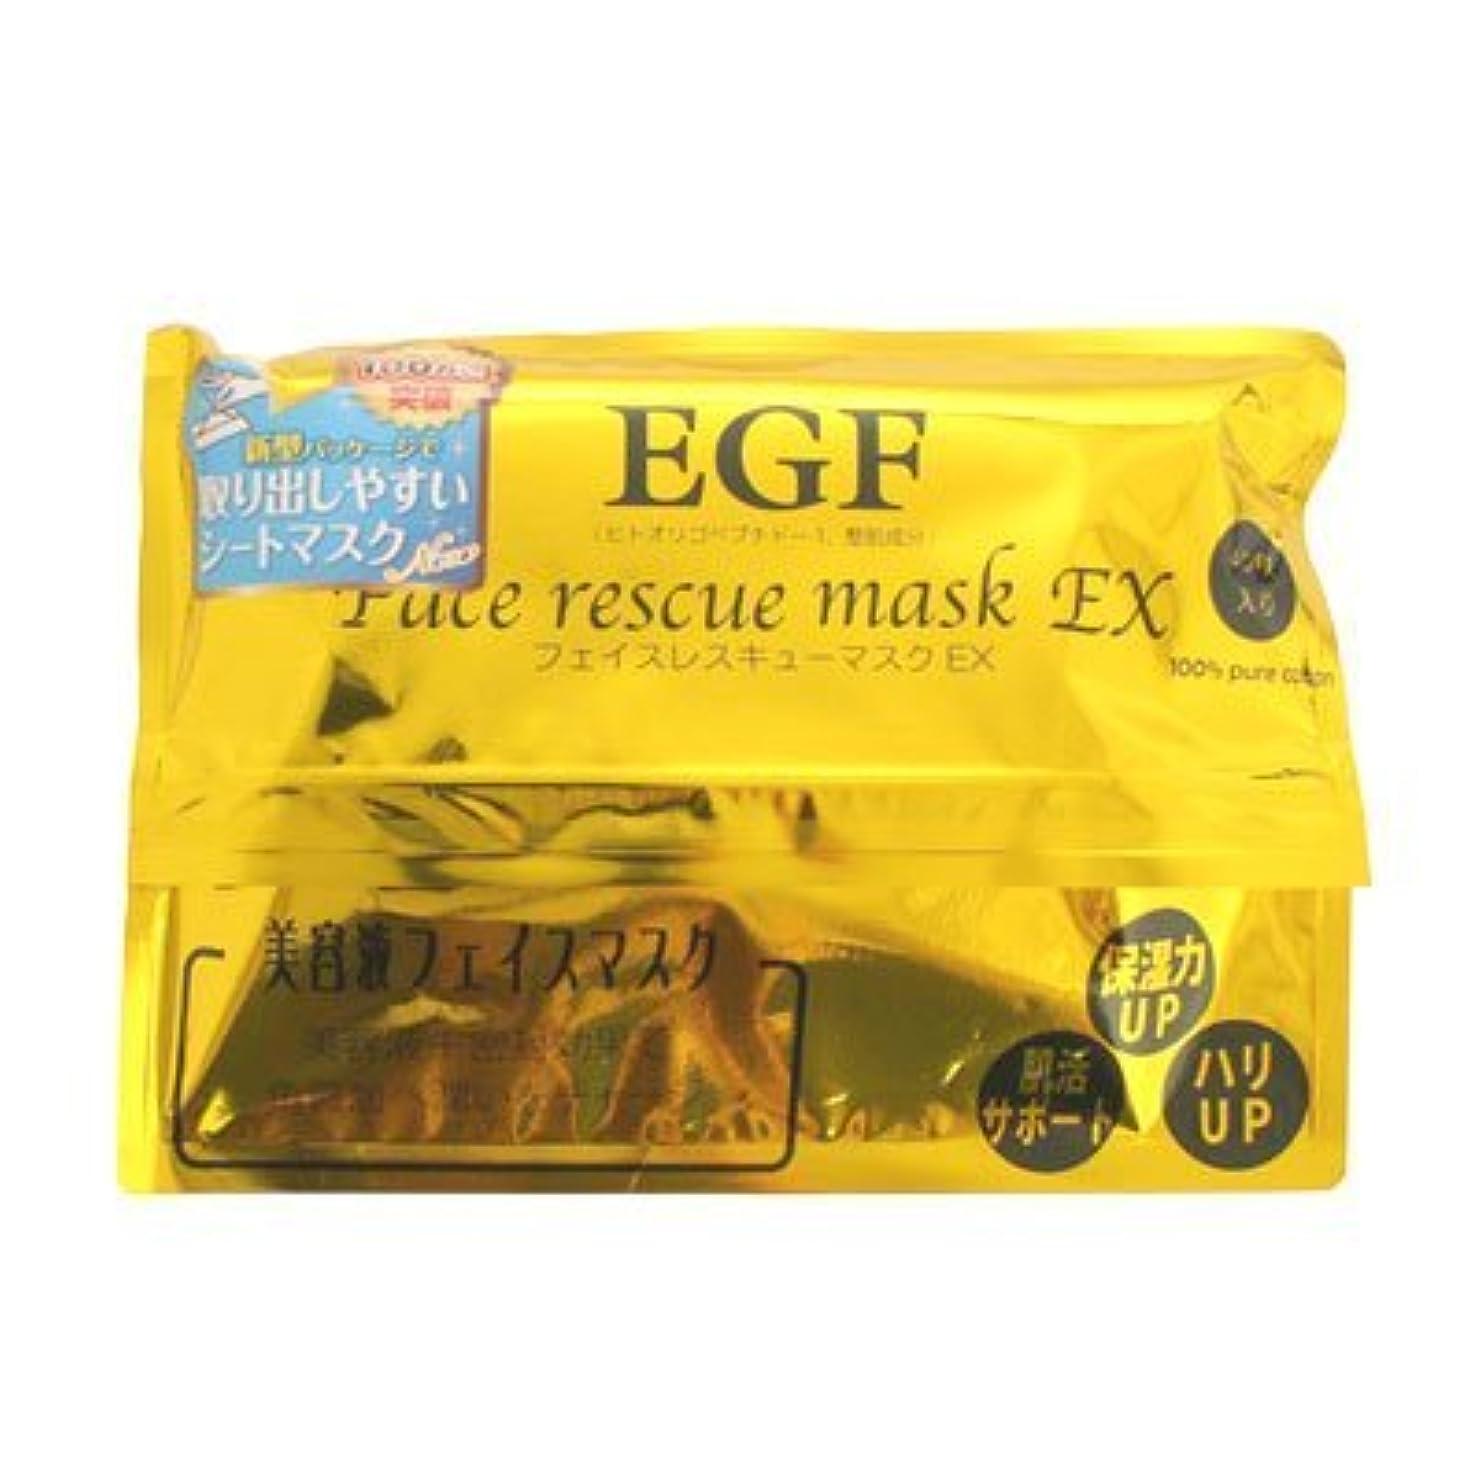 航空会社転倒破壊的なEGF フェイス レスキュー マスク EX (40枚入り)